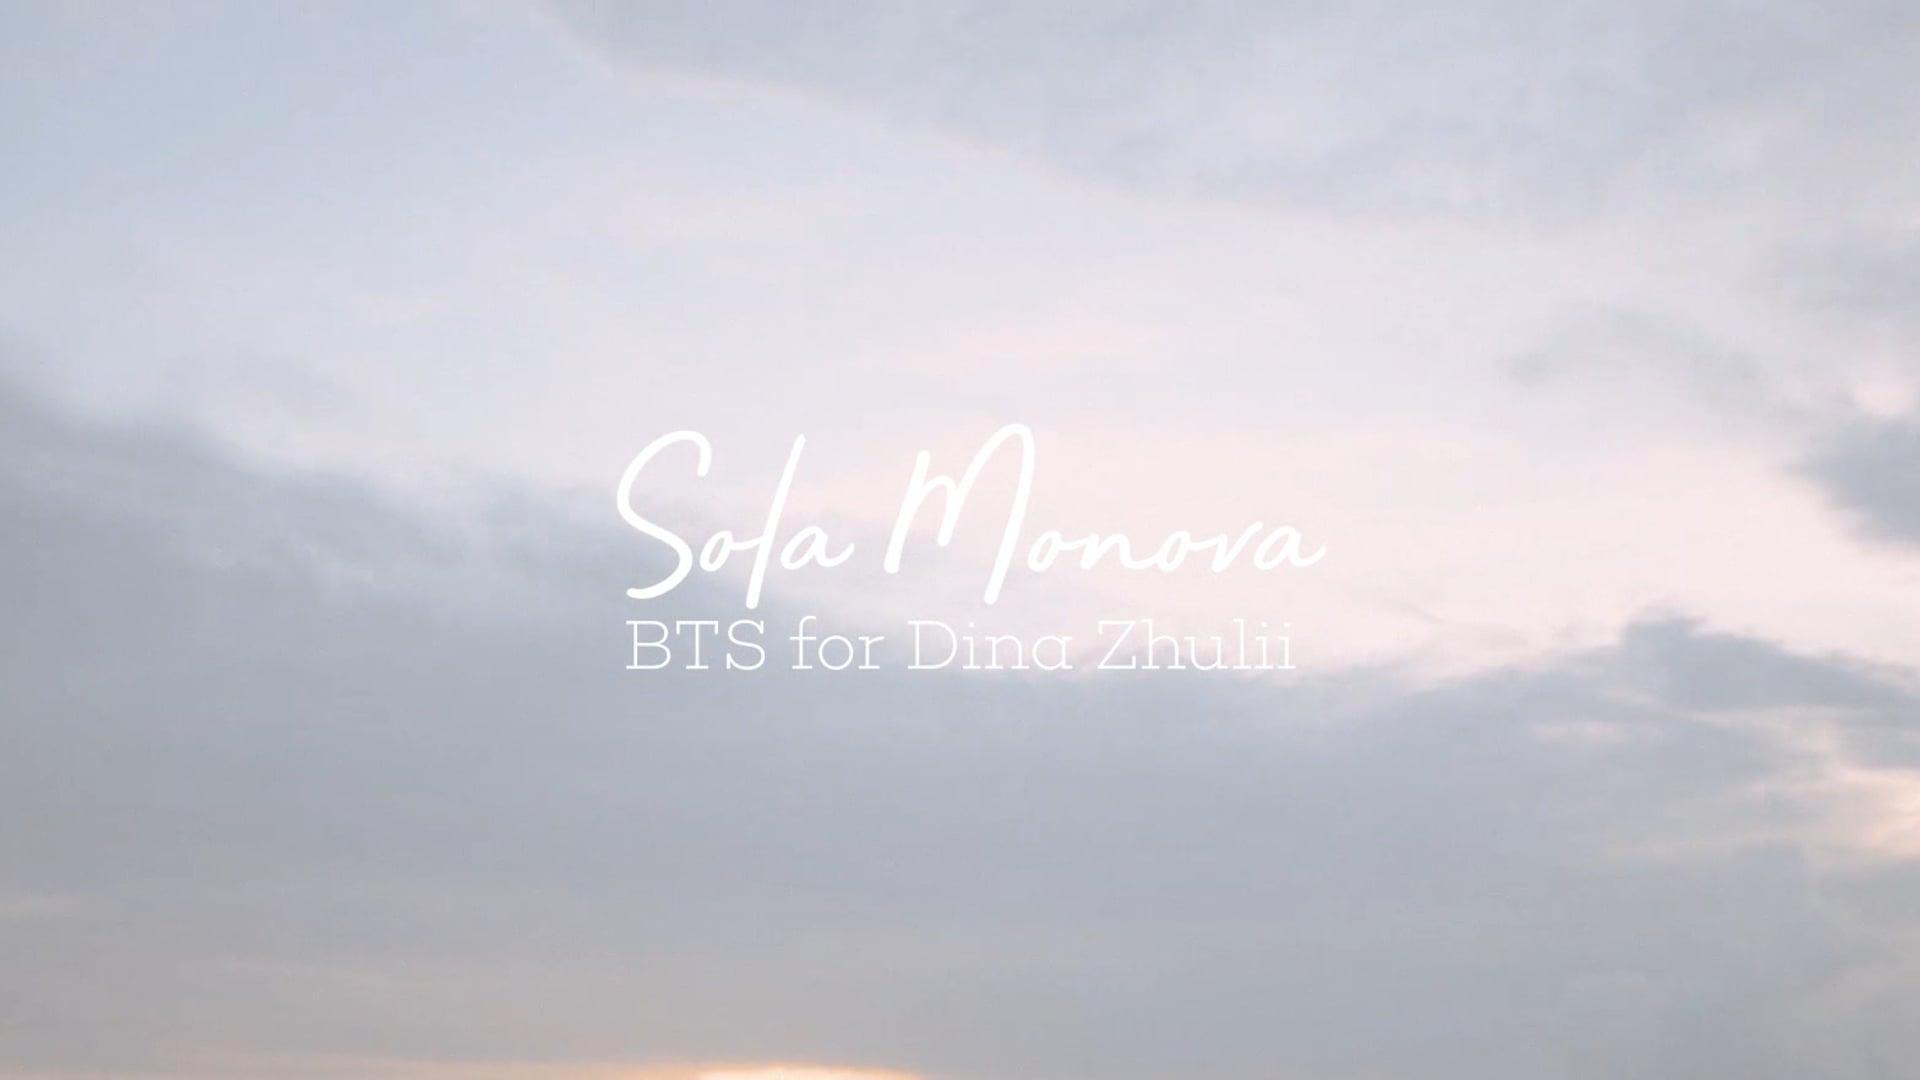 Sola Monova in BTS for Dina Zhulii